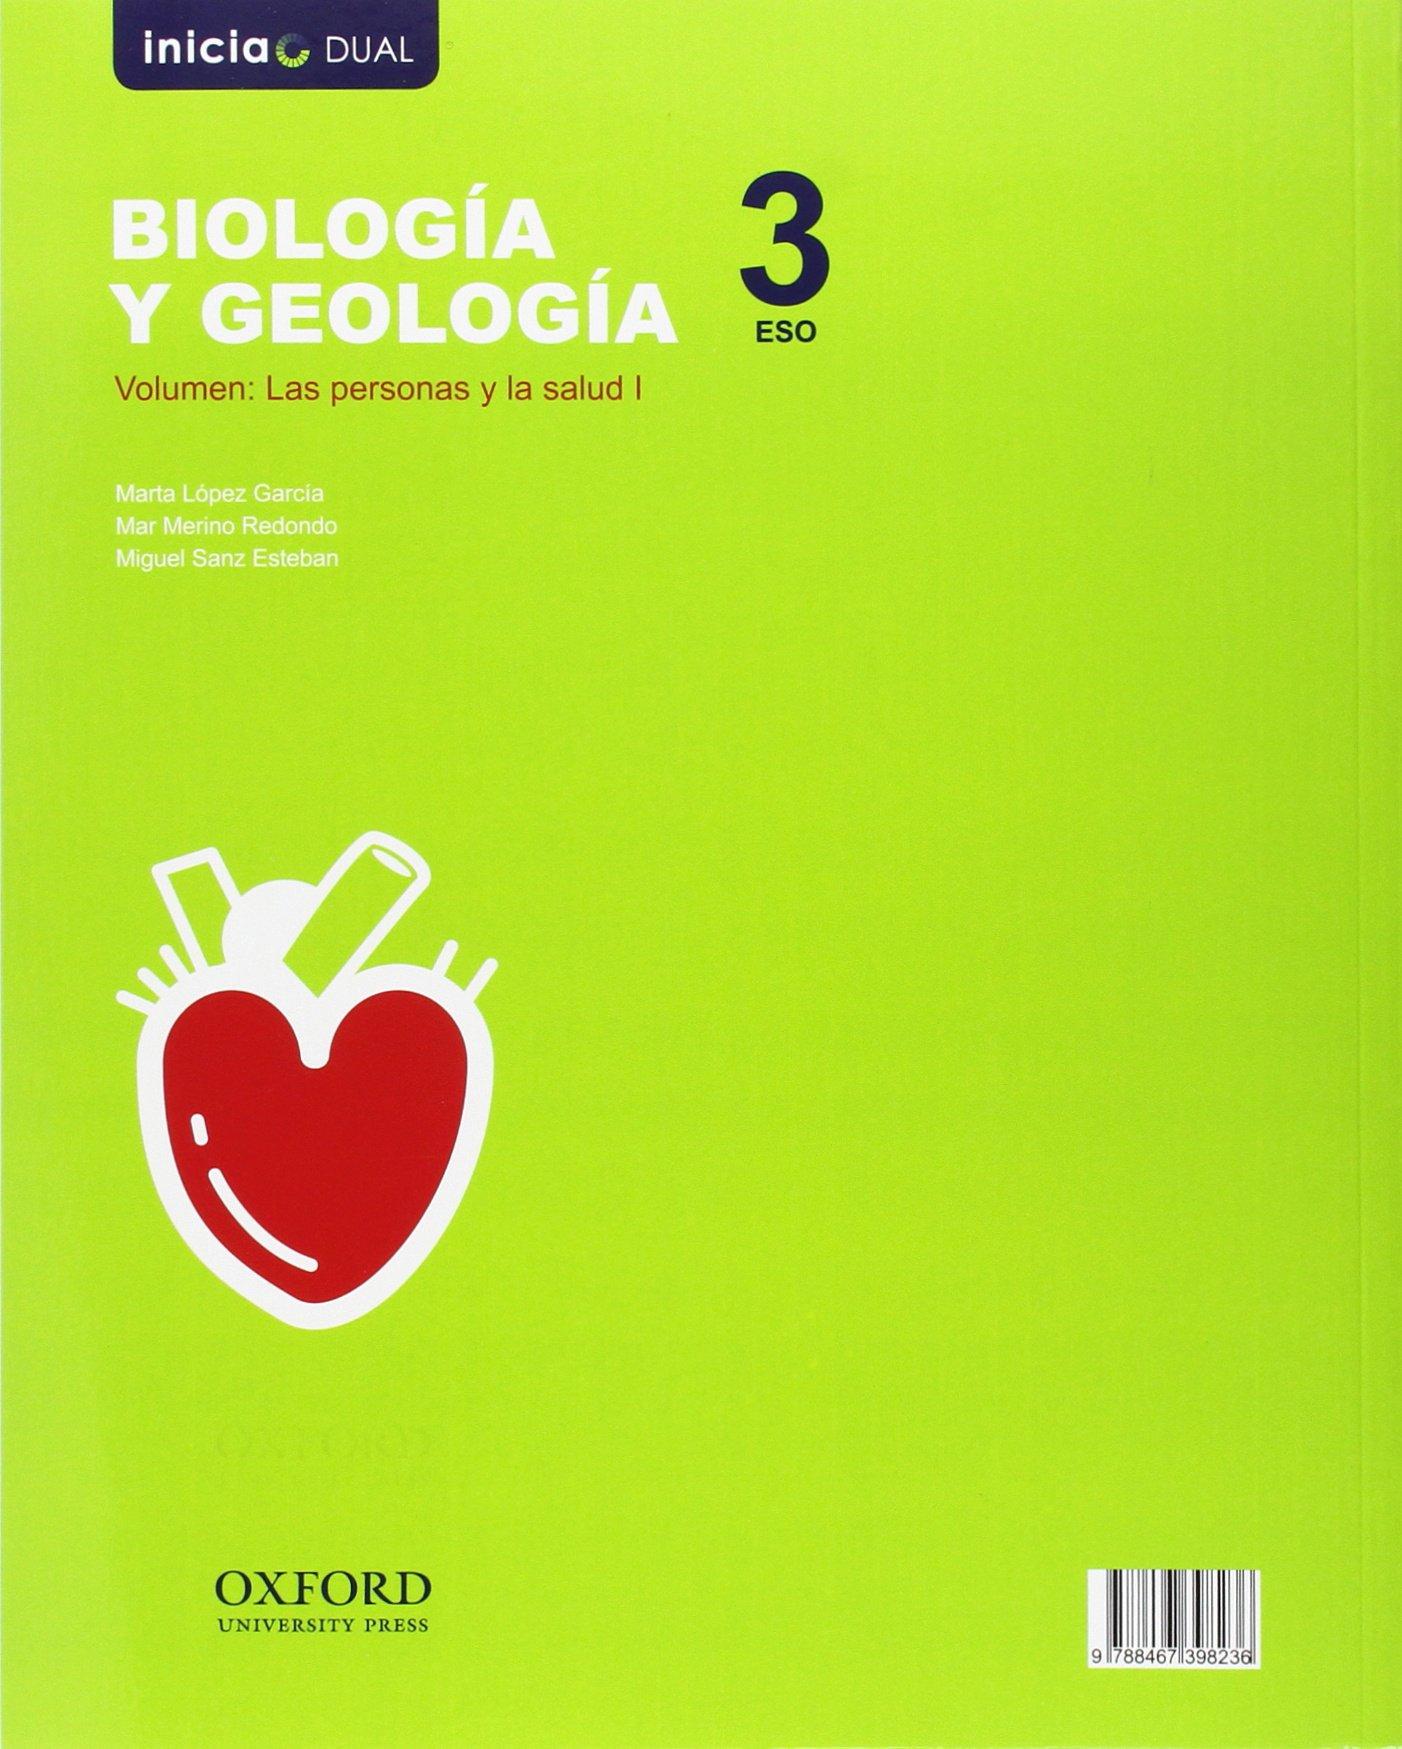 Inicia Biología Y Geología Serie Arce 3 º Eso Libro Del Alumno Inicia Dual Spanish Edition Cabrera Calero Antonio M ª Sanz Esteban Miguel 9788467398212 Books